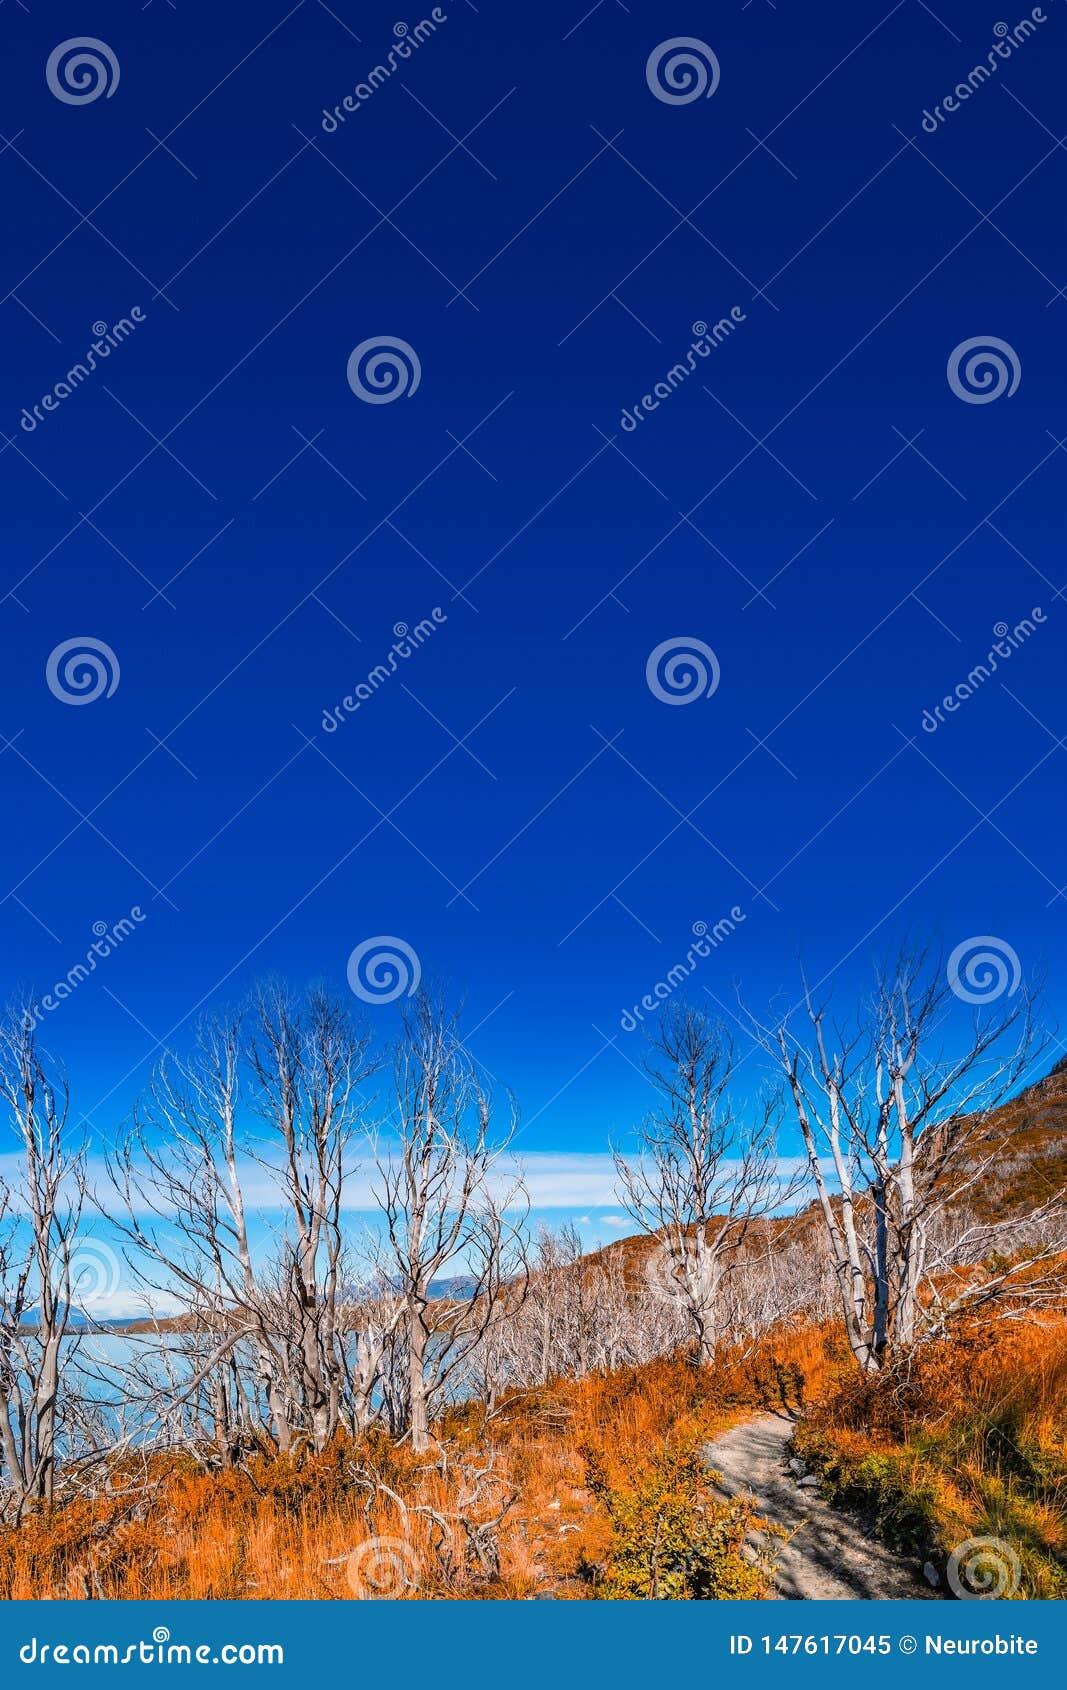 Parque nacional de Torres del Paine, suas florestas no outono dourado e céu azul, Patagonia, o Chile